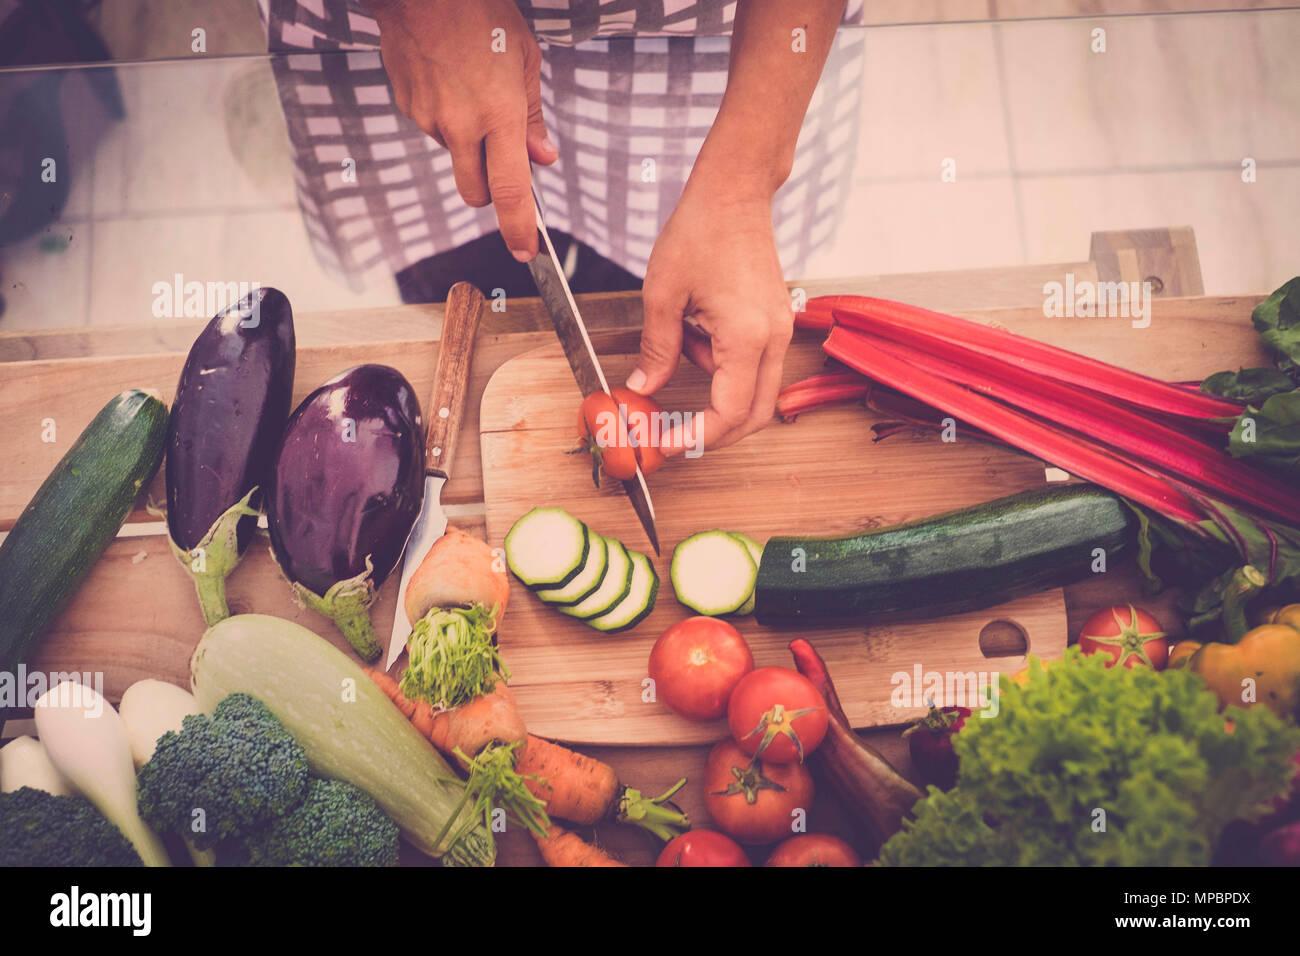 Primo piano delle mani dell uomo di cottura degli alimenti, insalata di verdure in cucina. Preparazione di pasti freschi nella cucina. Healhty concetto di stile di vita a casa a mangiare le materie in Immagini Stock